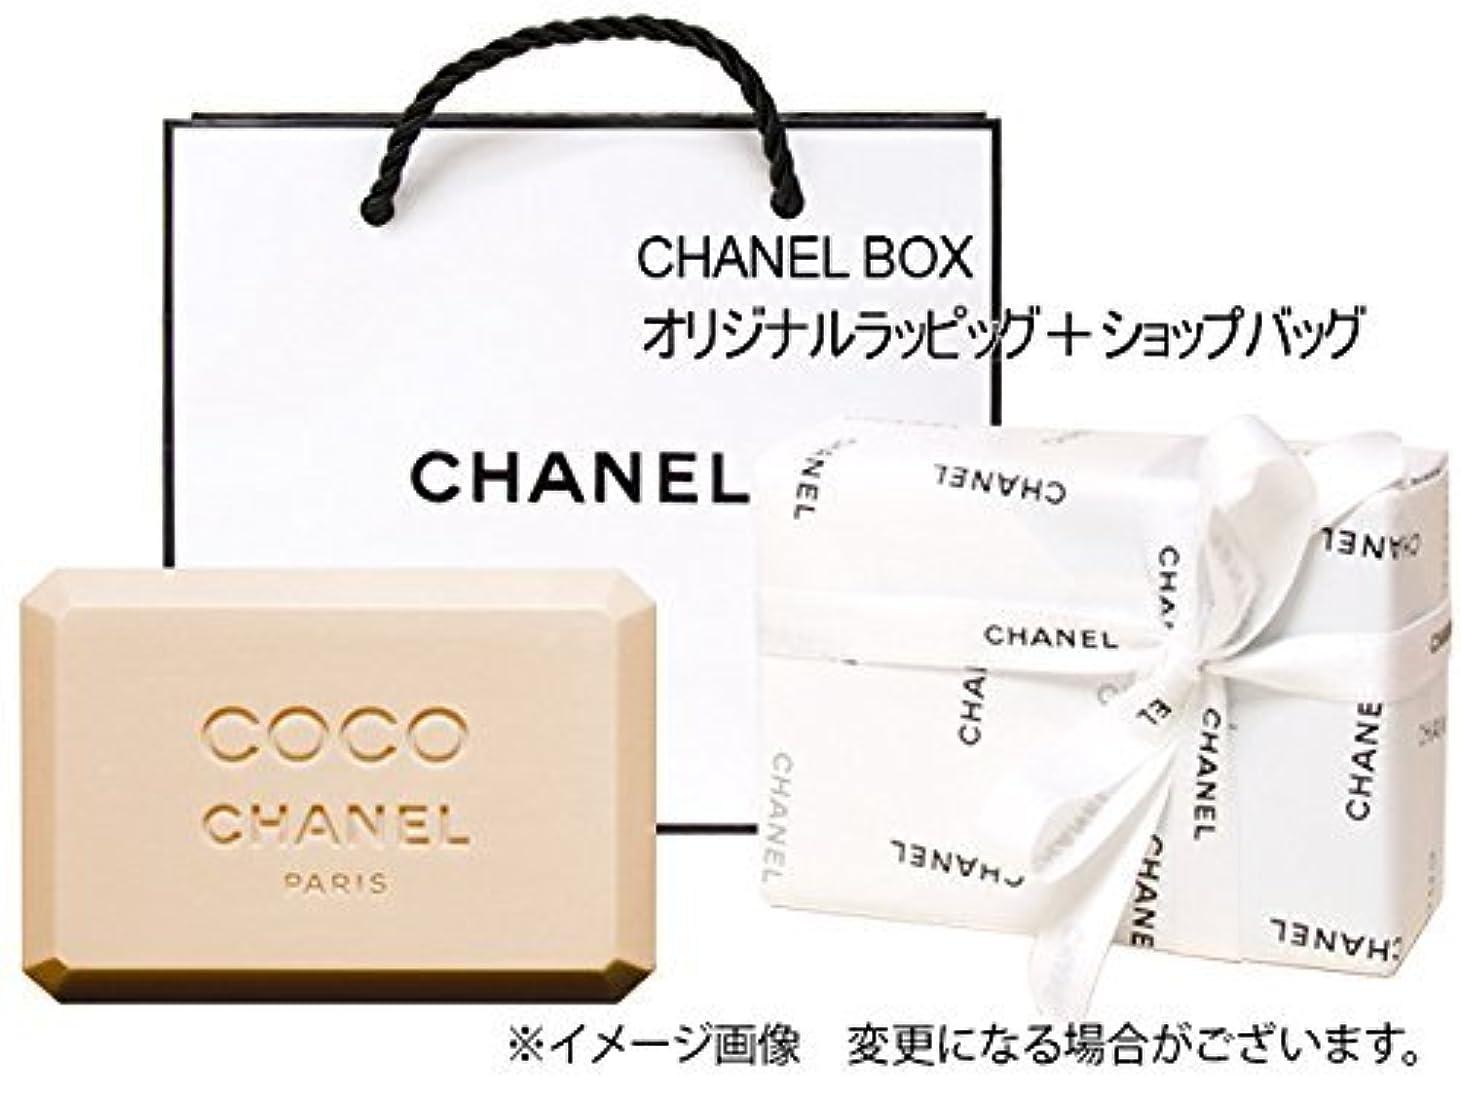 中国渦手足CHANEL(シャネル) COCO SAVON POUR LE BAIN BATH SOAP シャネル ココ サヴォン 150g 女性用石鹸/バスソープ CHANEL BOX オリジナルラッピング+ショップバッグ(並行輸入)